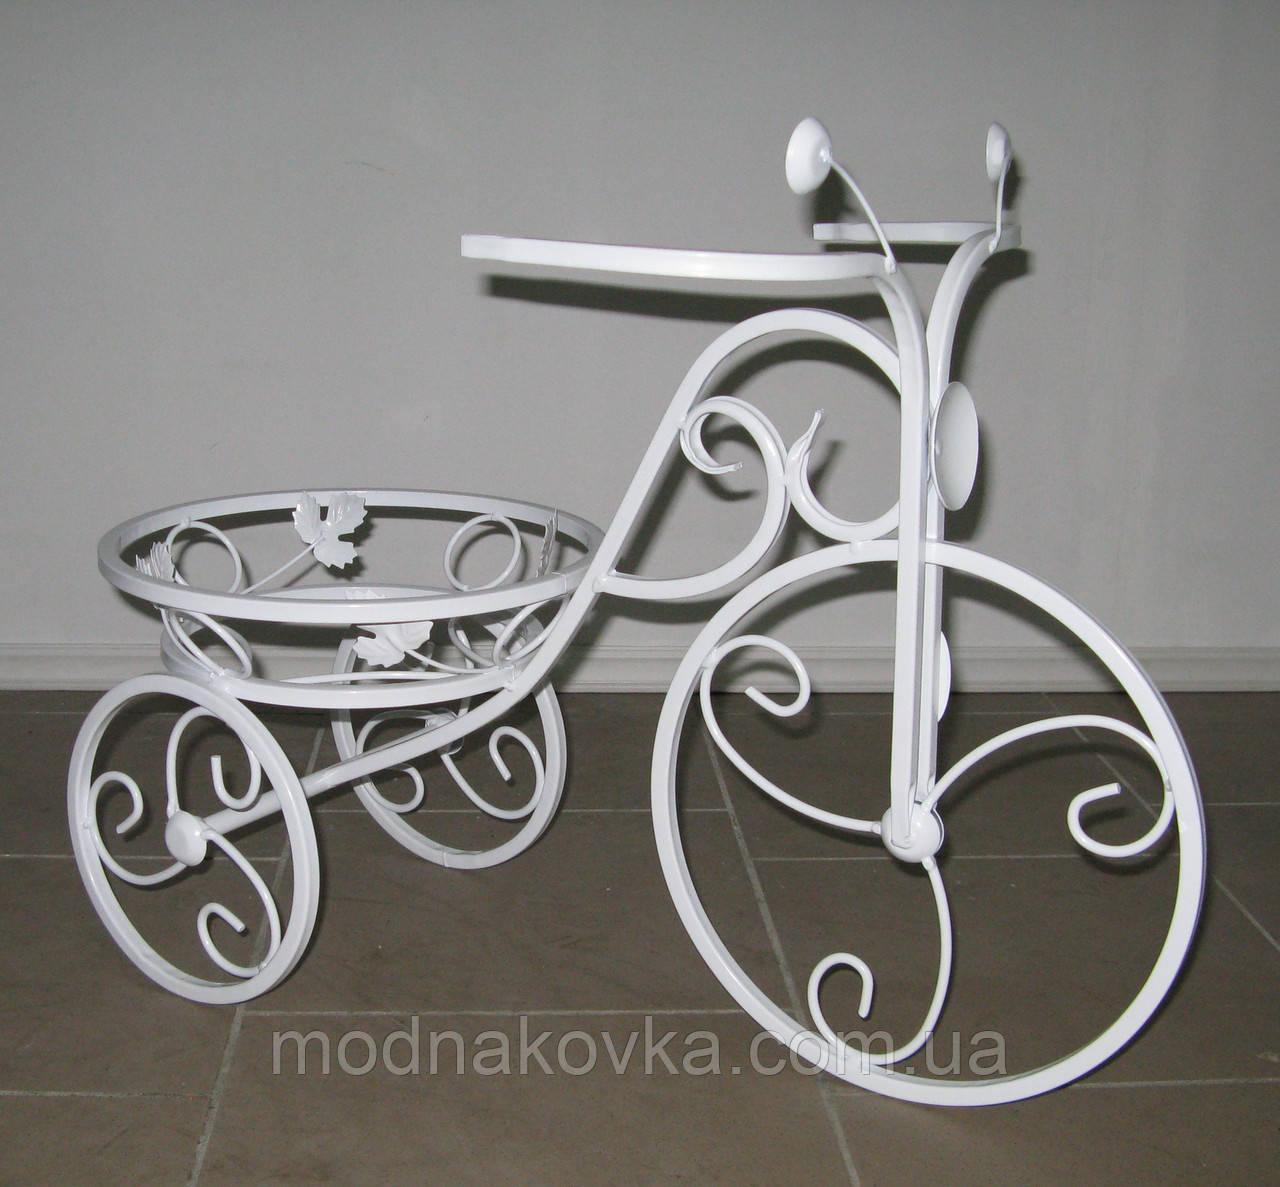 Кованая подставка для цветов Велосипед 1 малый белый